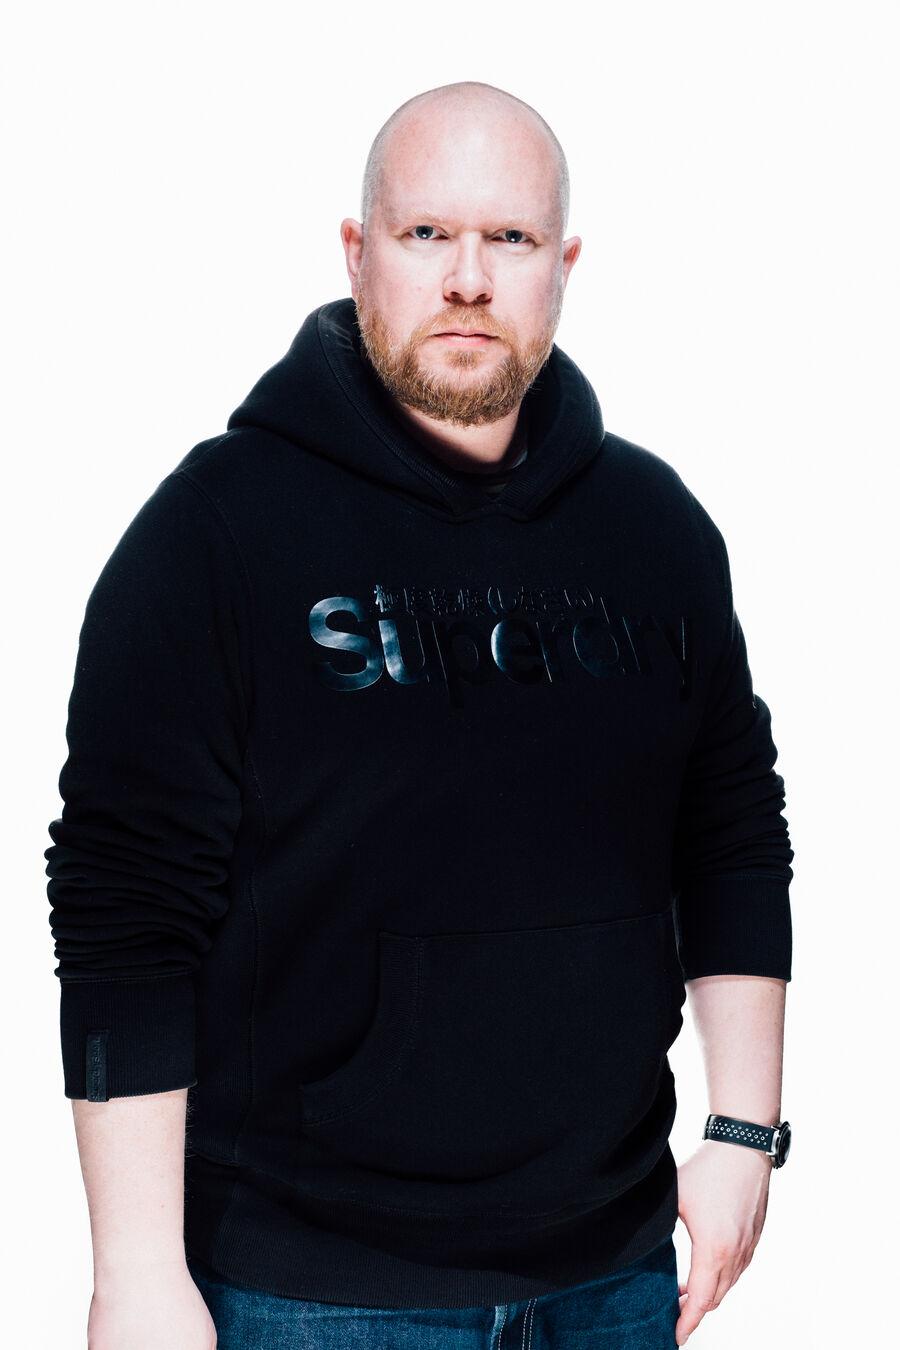 Forfatter Jonas T. Bengtsson kommer til Nykøbing i forbindelse med læse- og skrivekampagnen Hvem er Danmark?